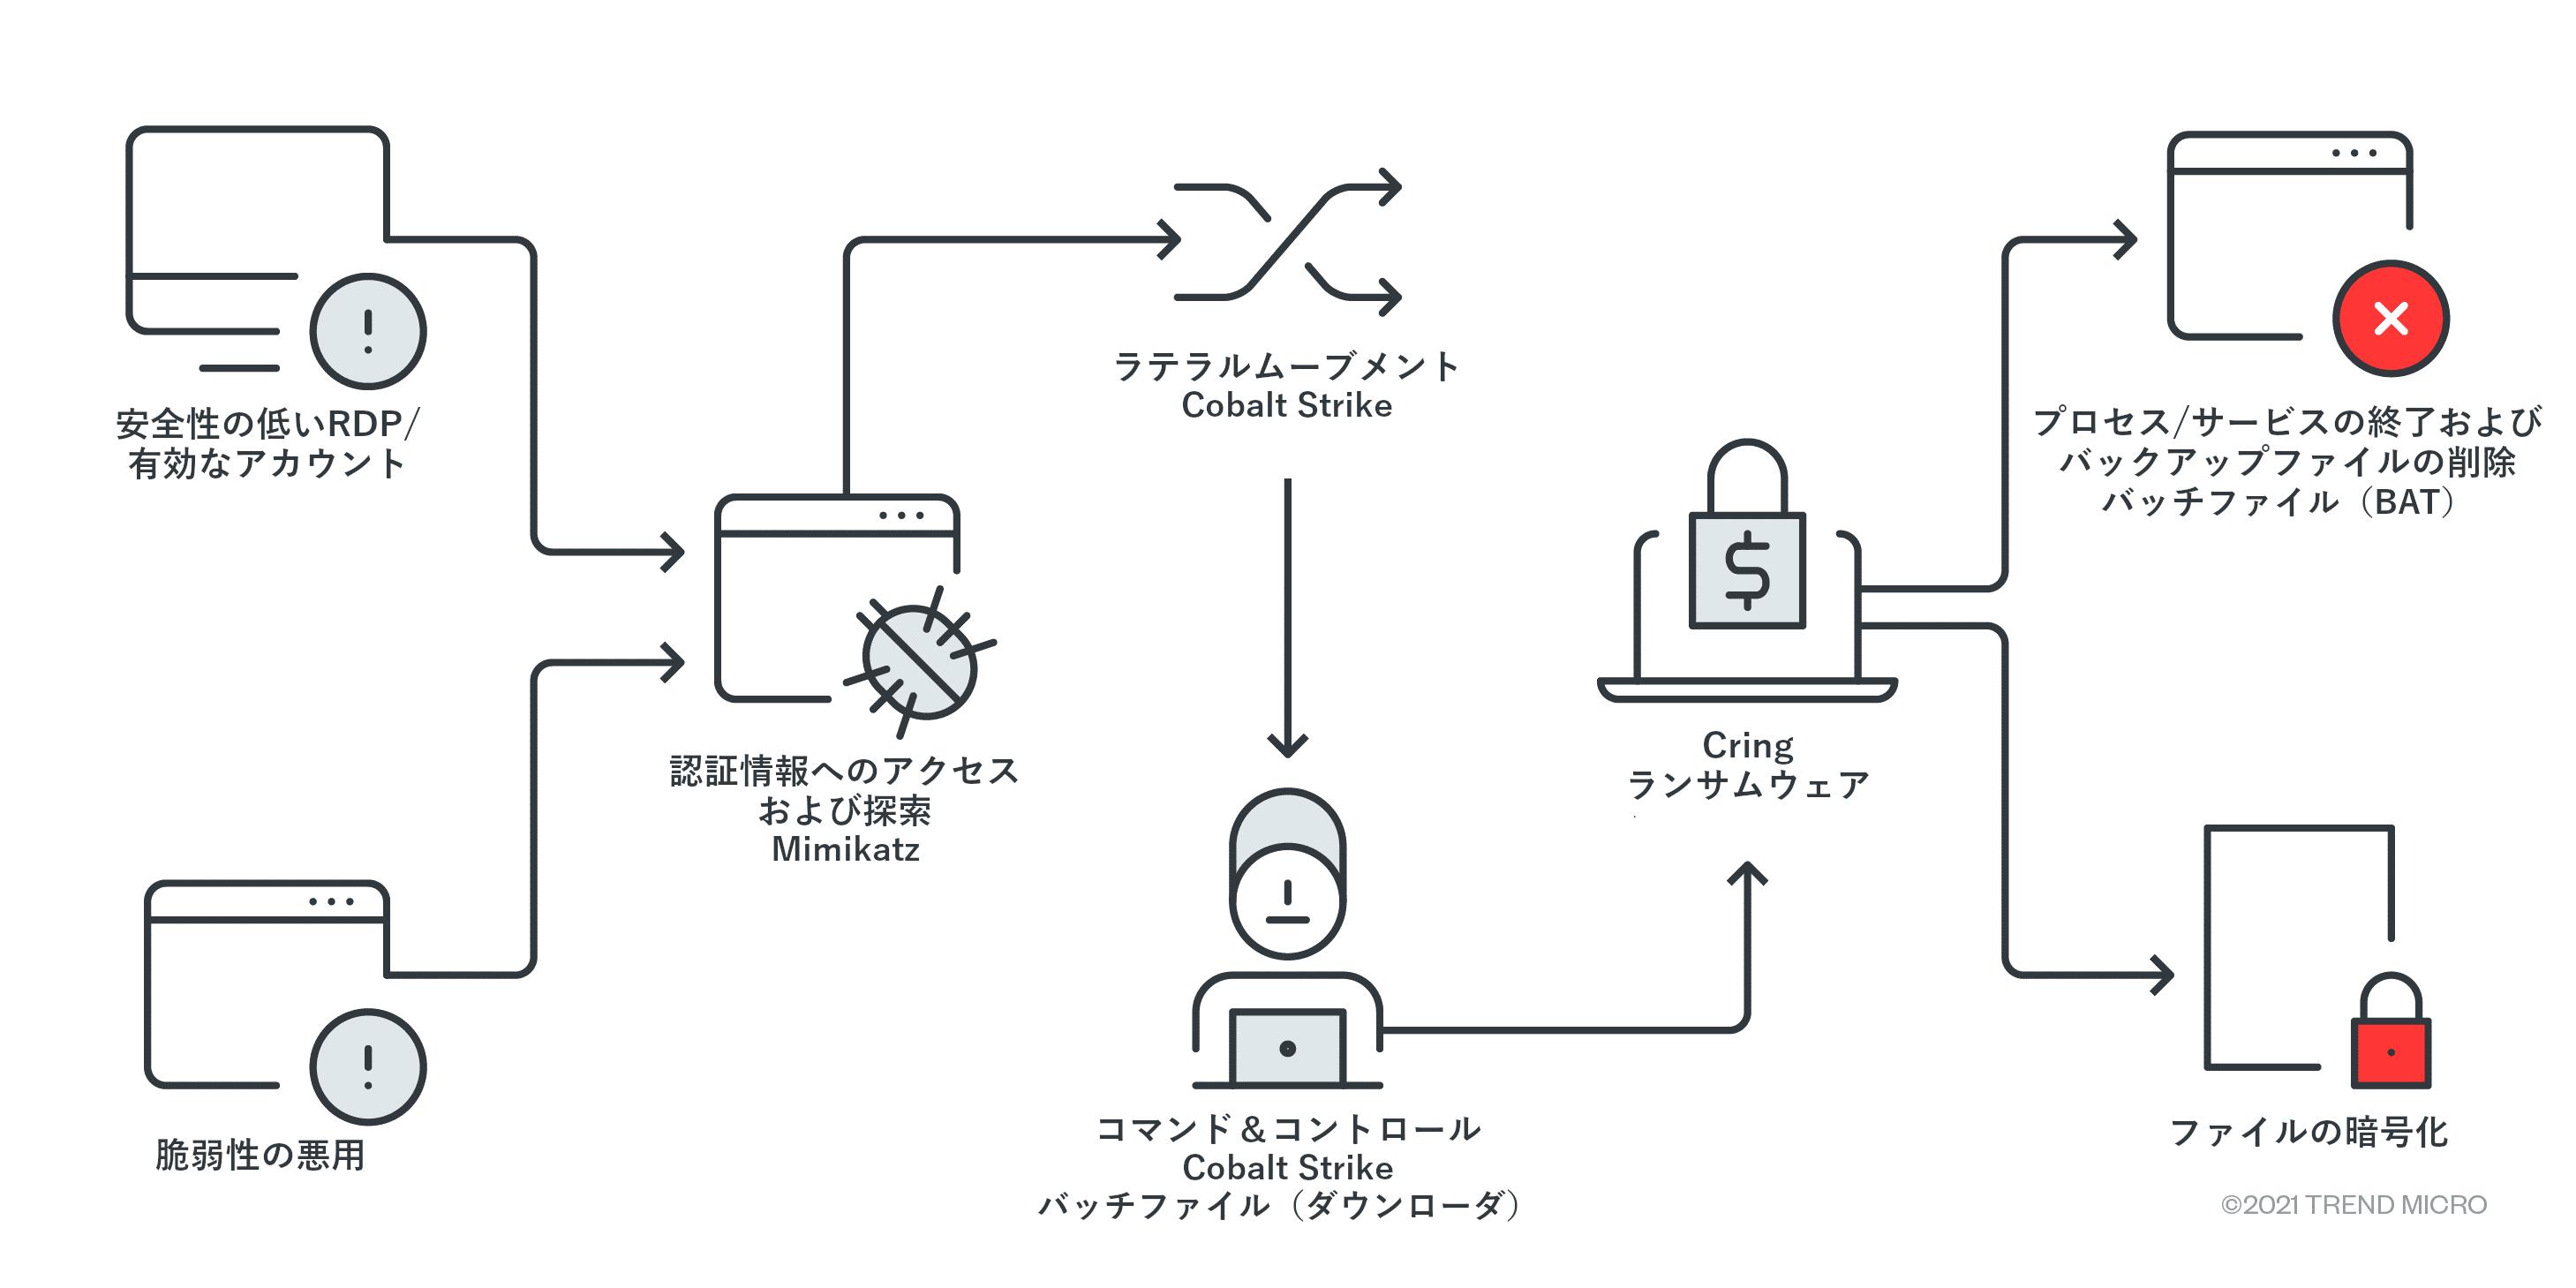 図1:Cring攻撃の感染チェーン